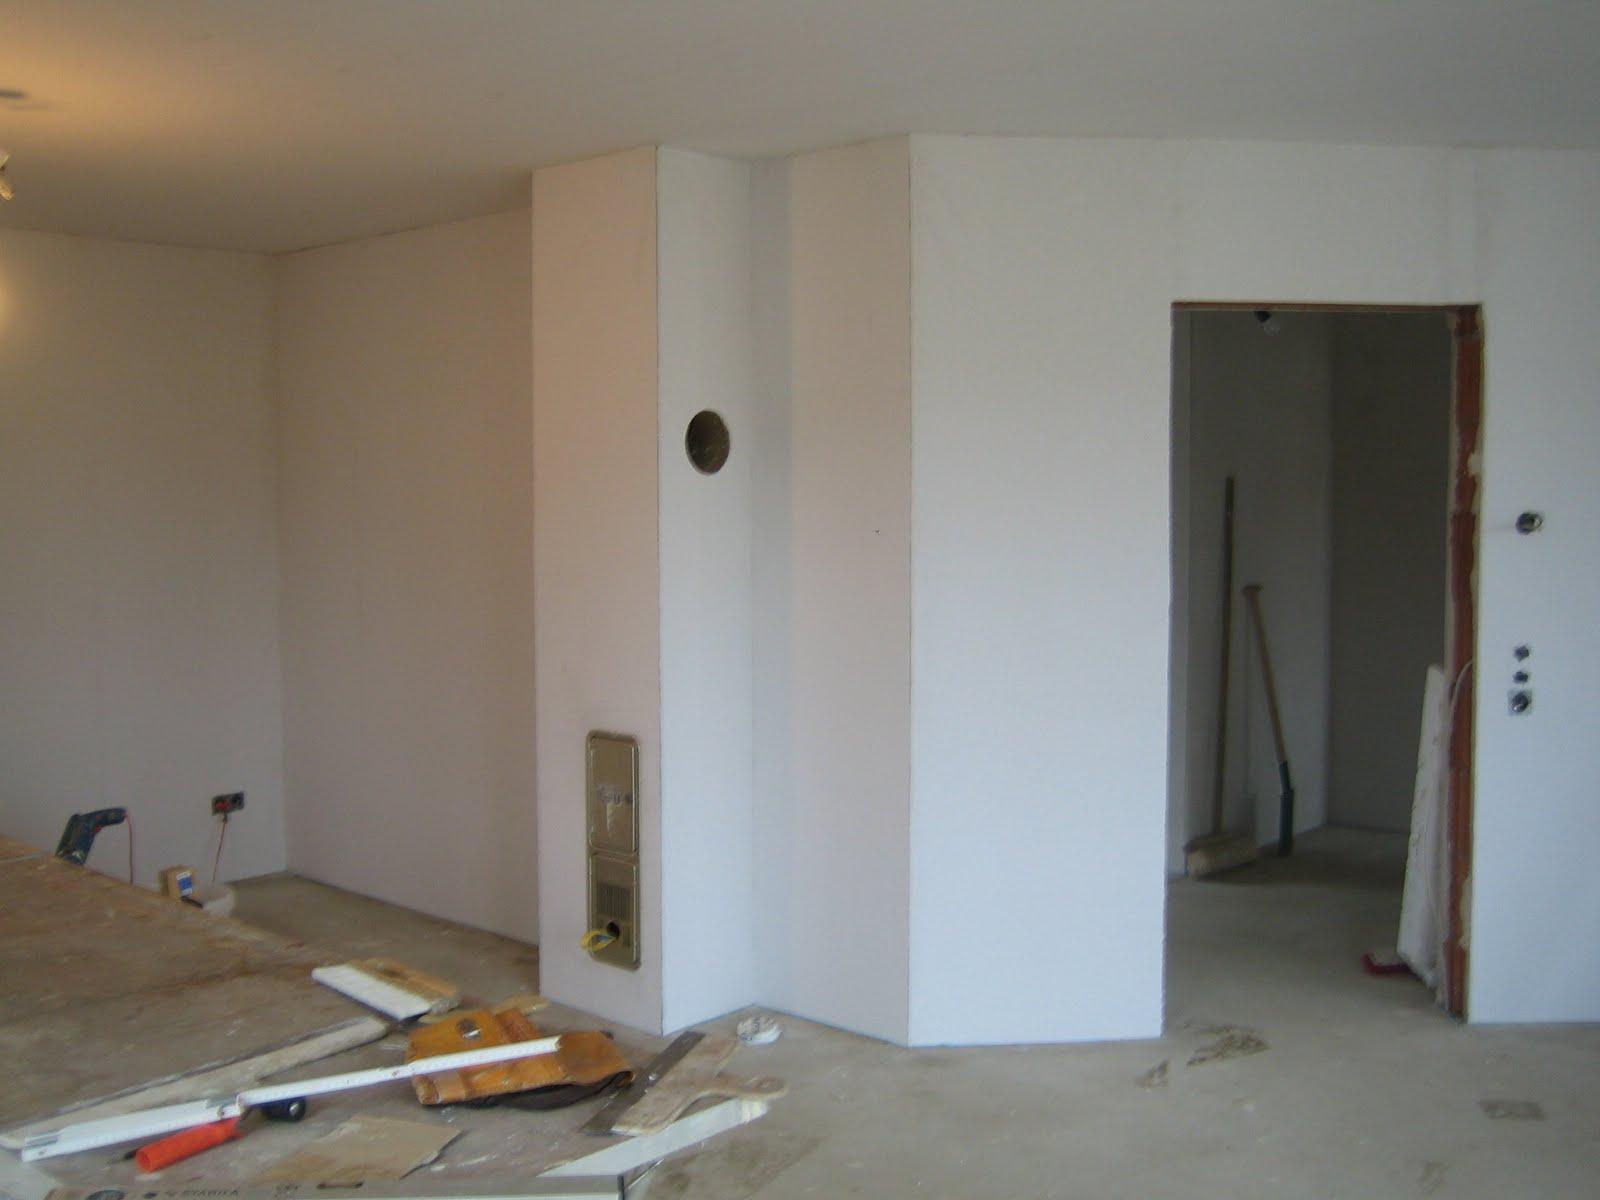 carina und stefan bauen wurd 39 auch zeit mai 2010. Black Bedroom Furniture Sets. Home Design Ideas